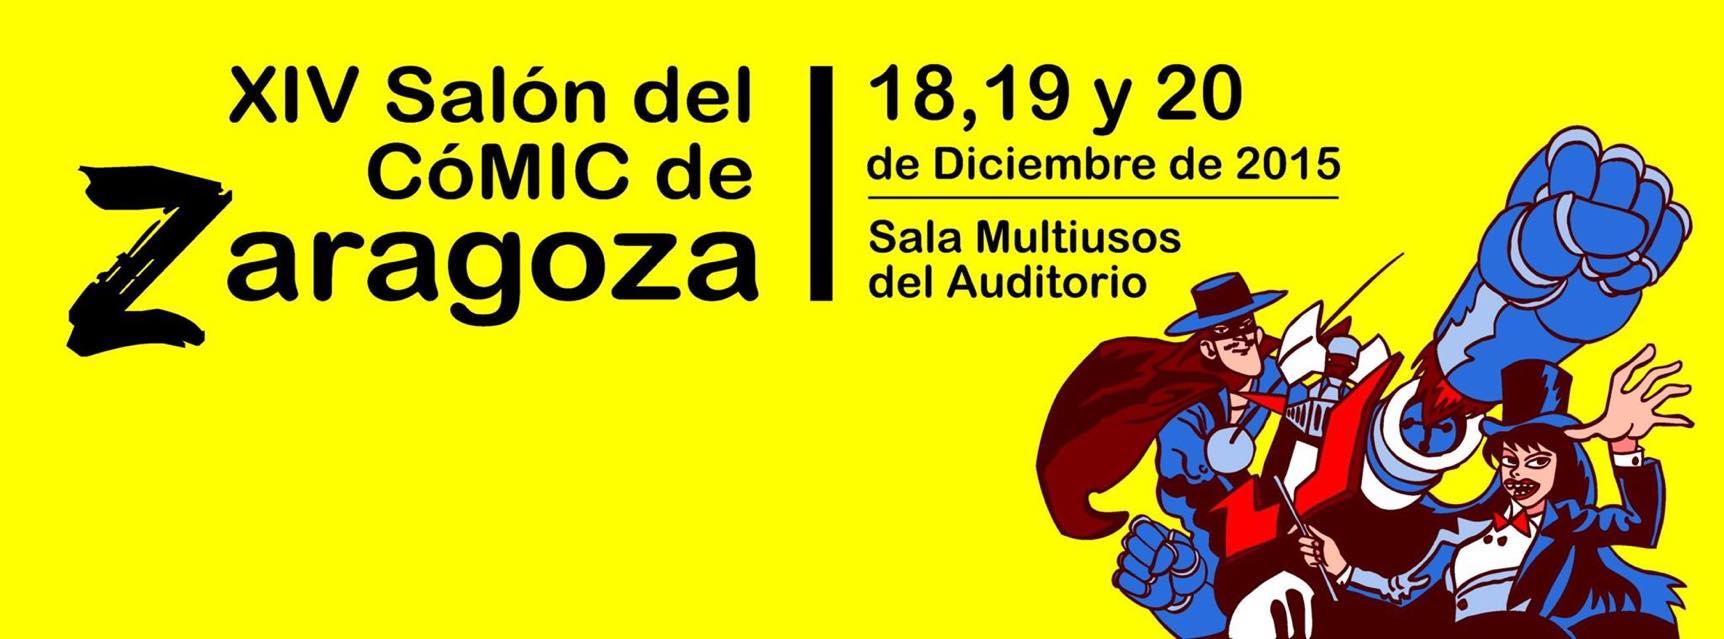 Salón_del_Comic_2015_David_Pallás_Gozalo__Firma_Los_Príncipes_Morados_5